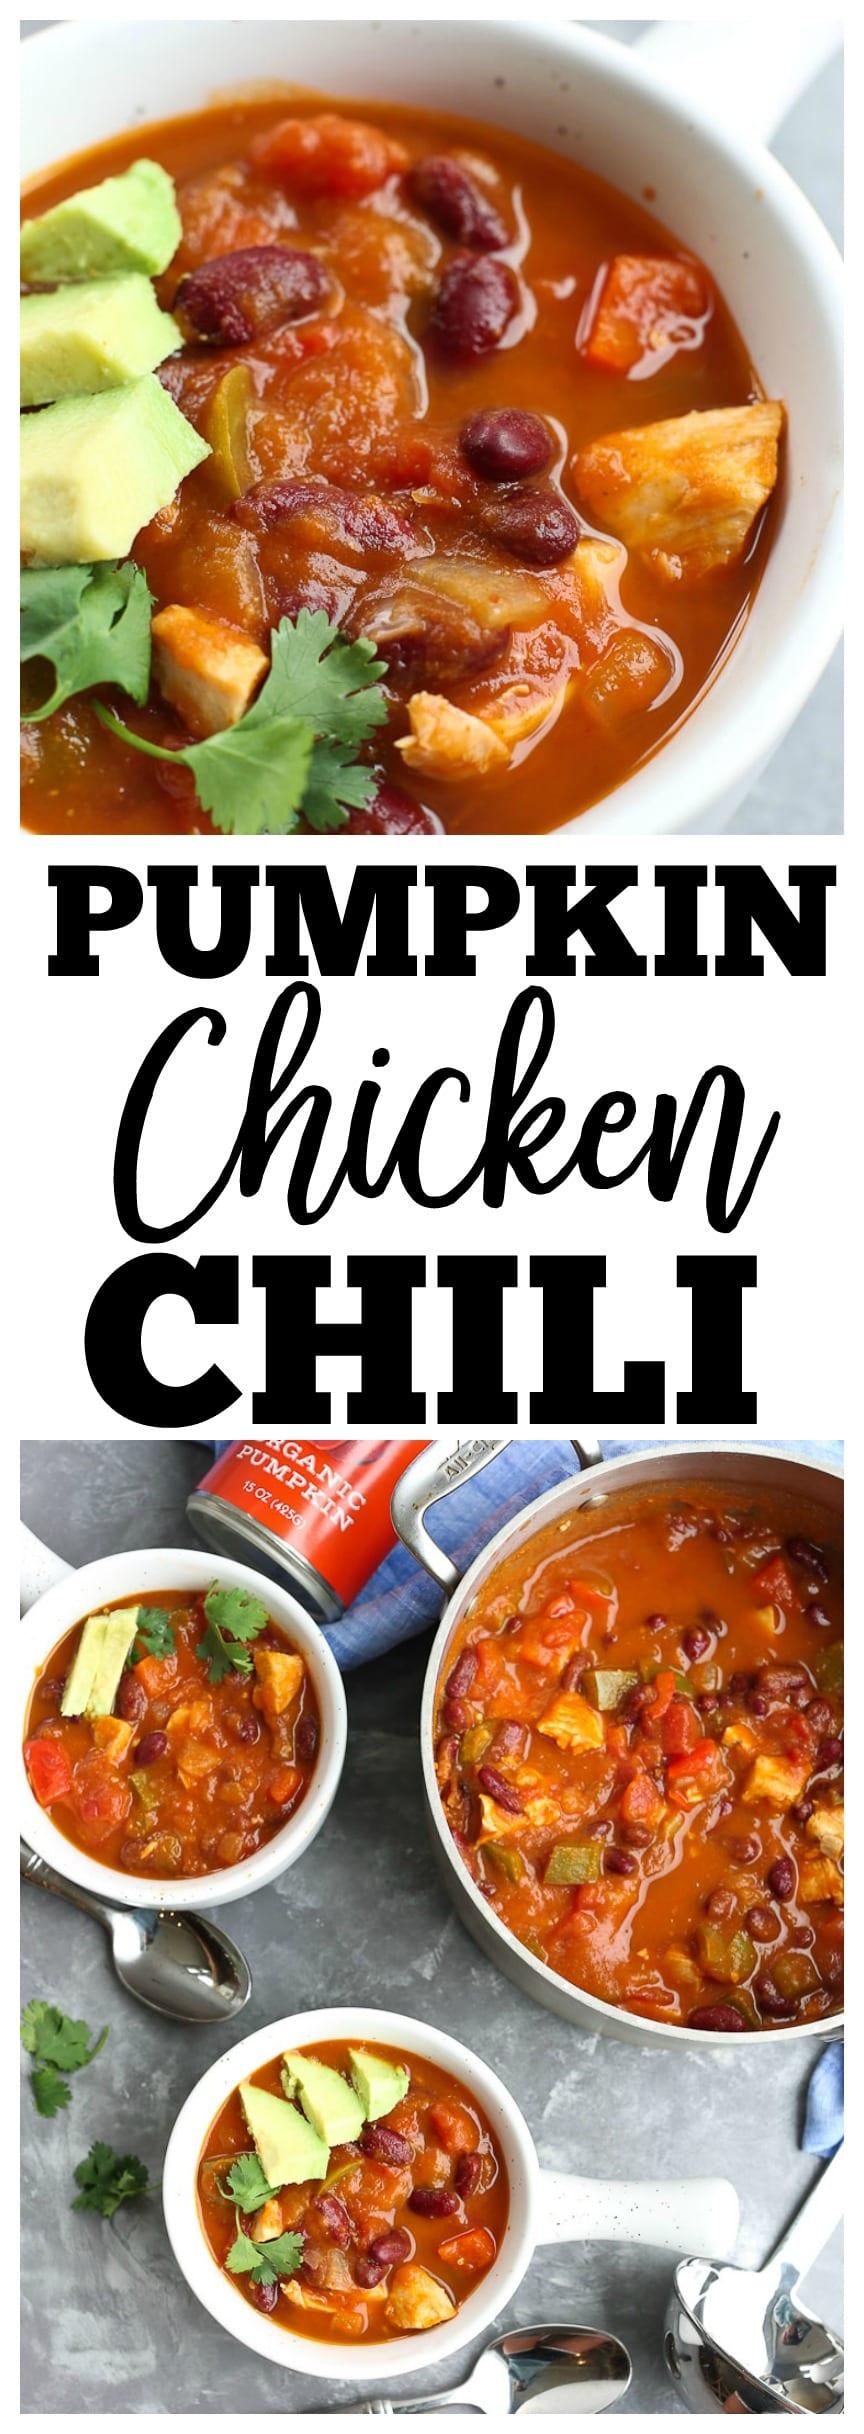 Pumpkin Chicken Chili Recipe. Dairy-free, gluten-free recipe, easy quick weeknight dinner